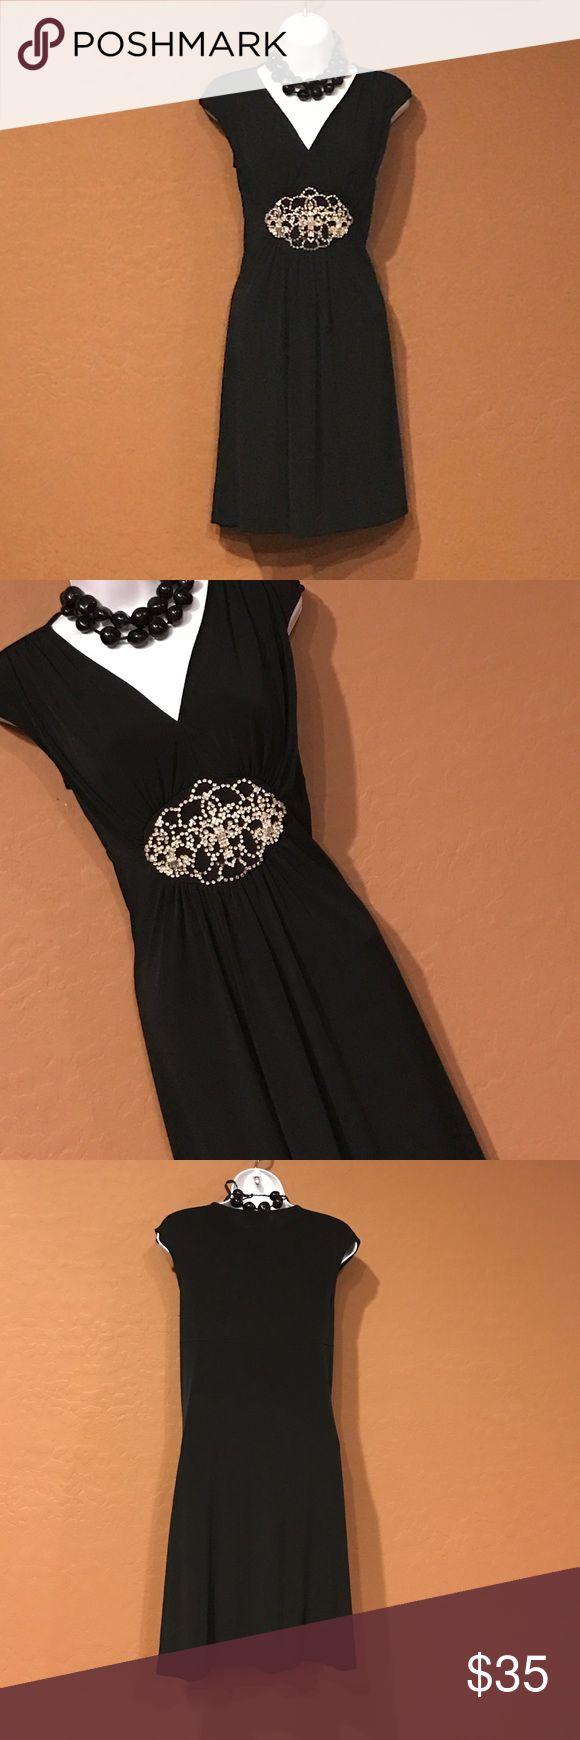 🆕WOT Violet Black Gold Cocktail Dress Never Worn, stretch, embellished gold rhinestones waist, cap sleeve. Violet Dresses